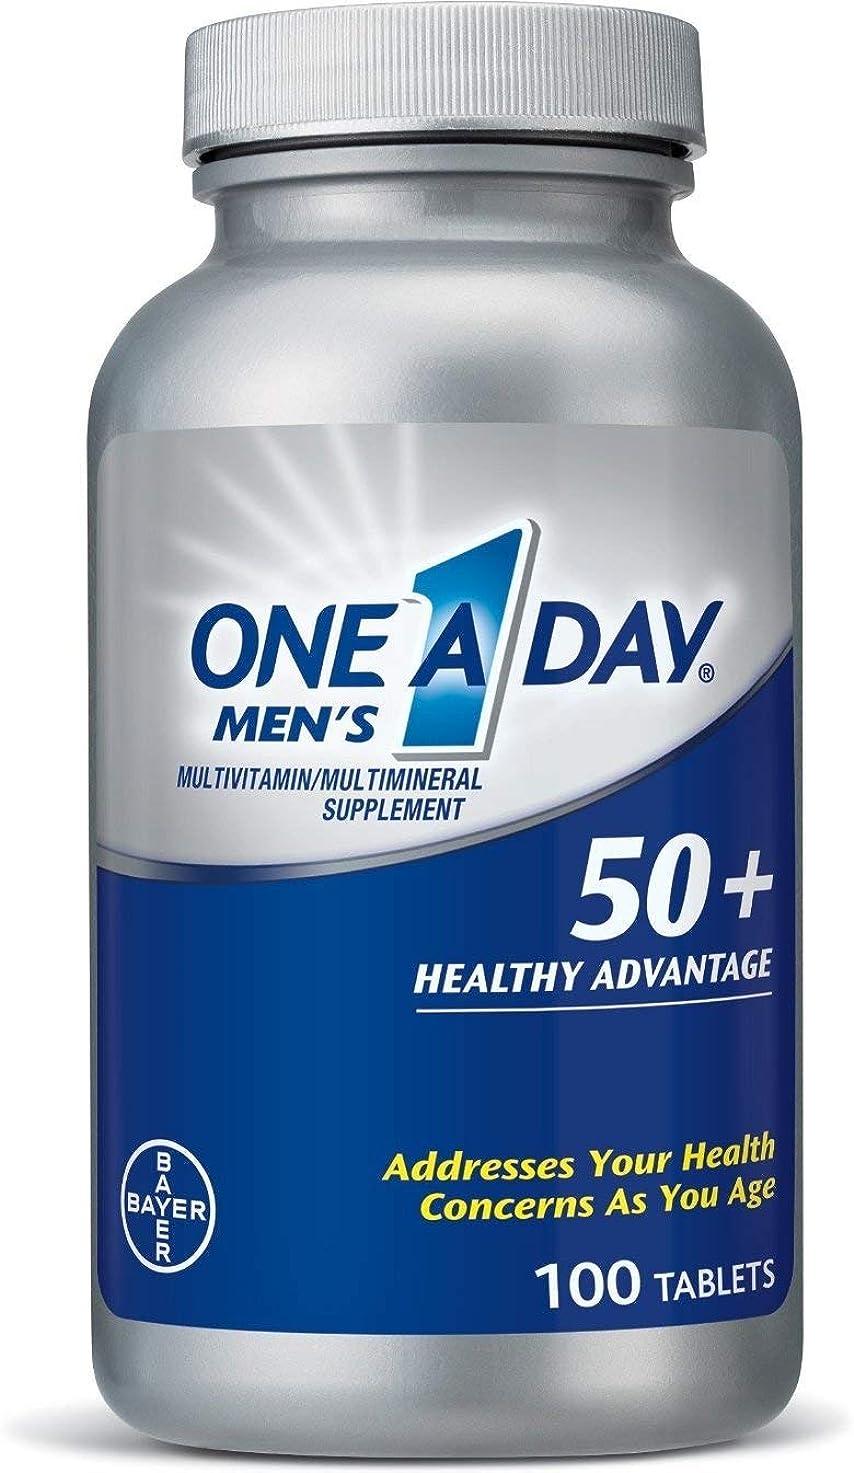 データみがきます不誠実ONE A DAY ワン-A-デイメンズ50+健康的な優位性マルチビタミン100 EA(2パック) 2パック